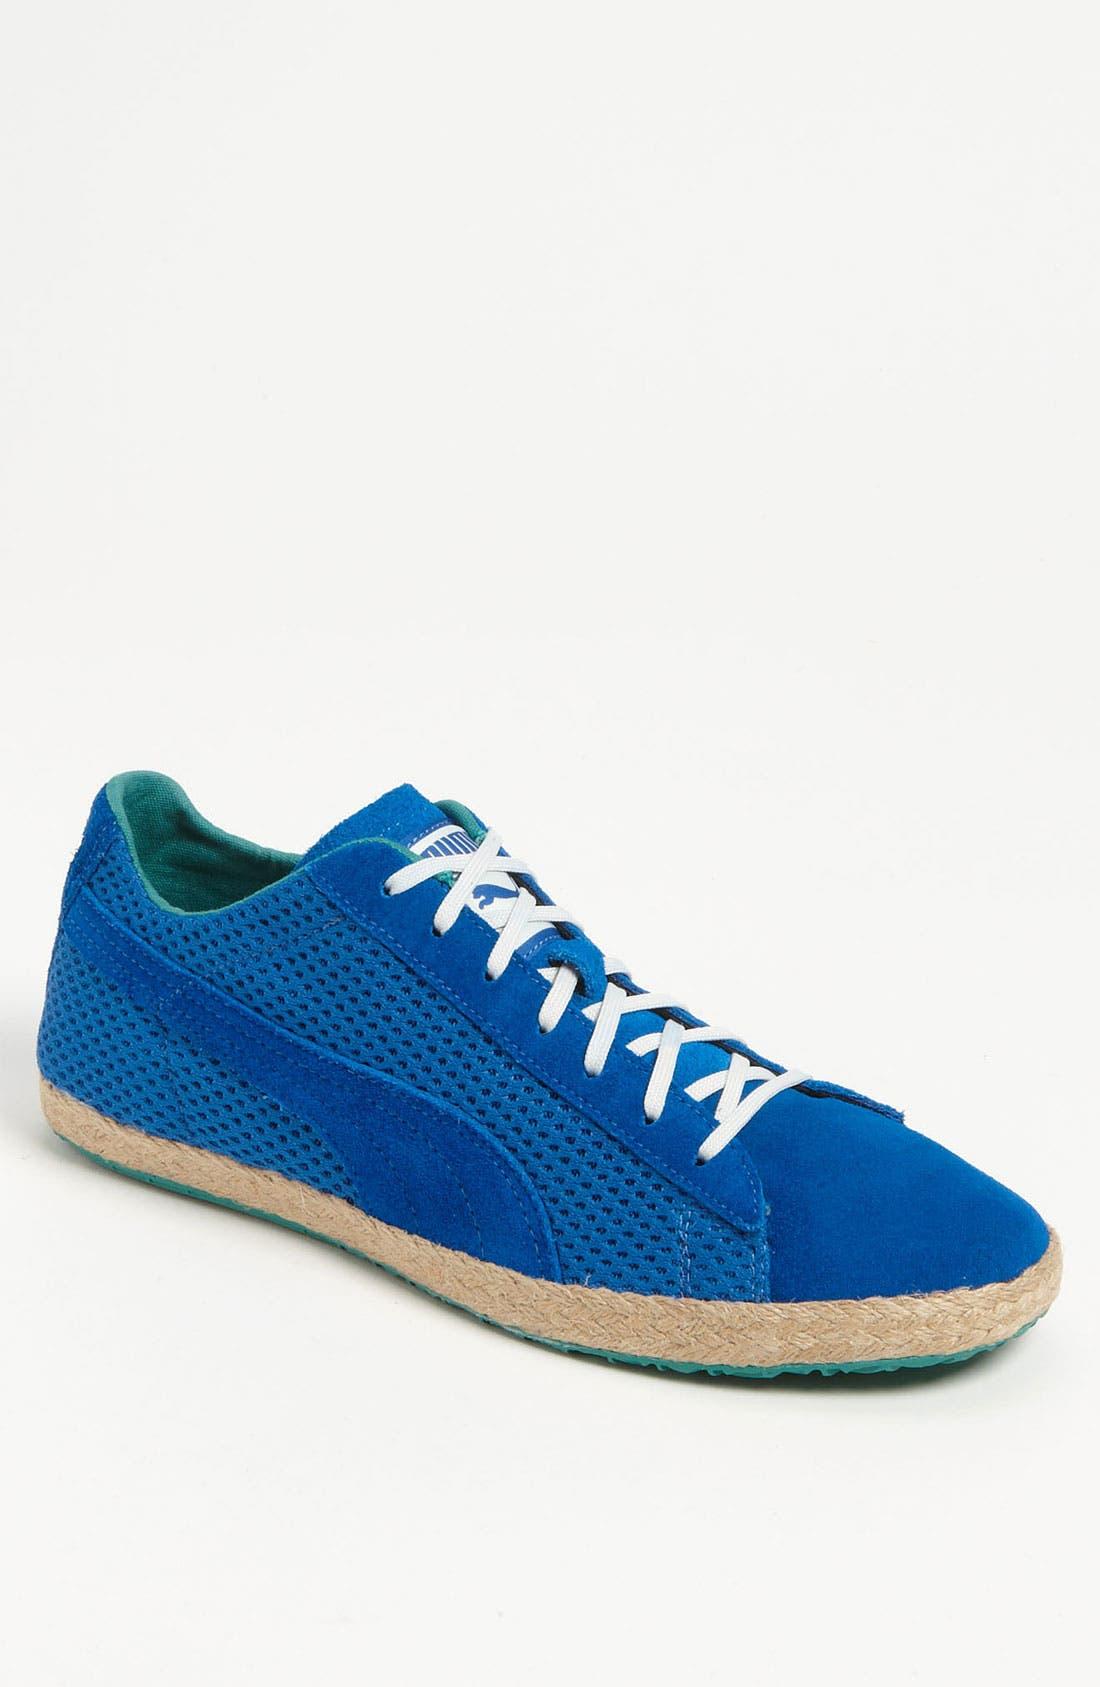 Main Image - PUMA 'Glyde' Sneaker (Men)